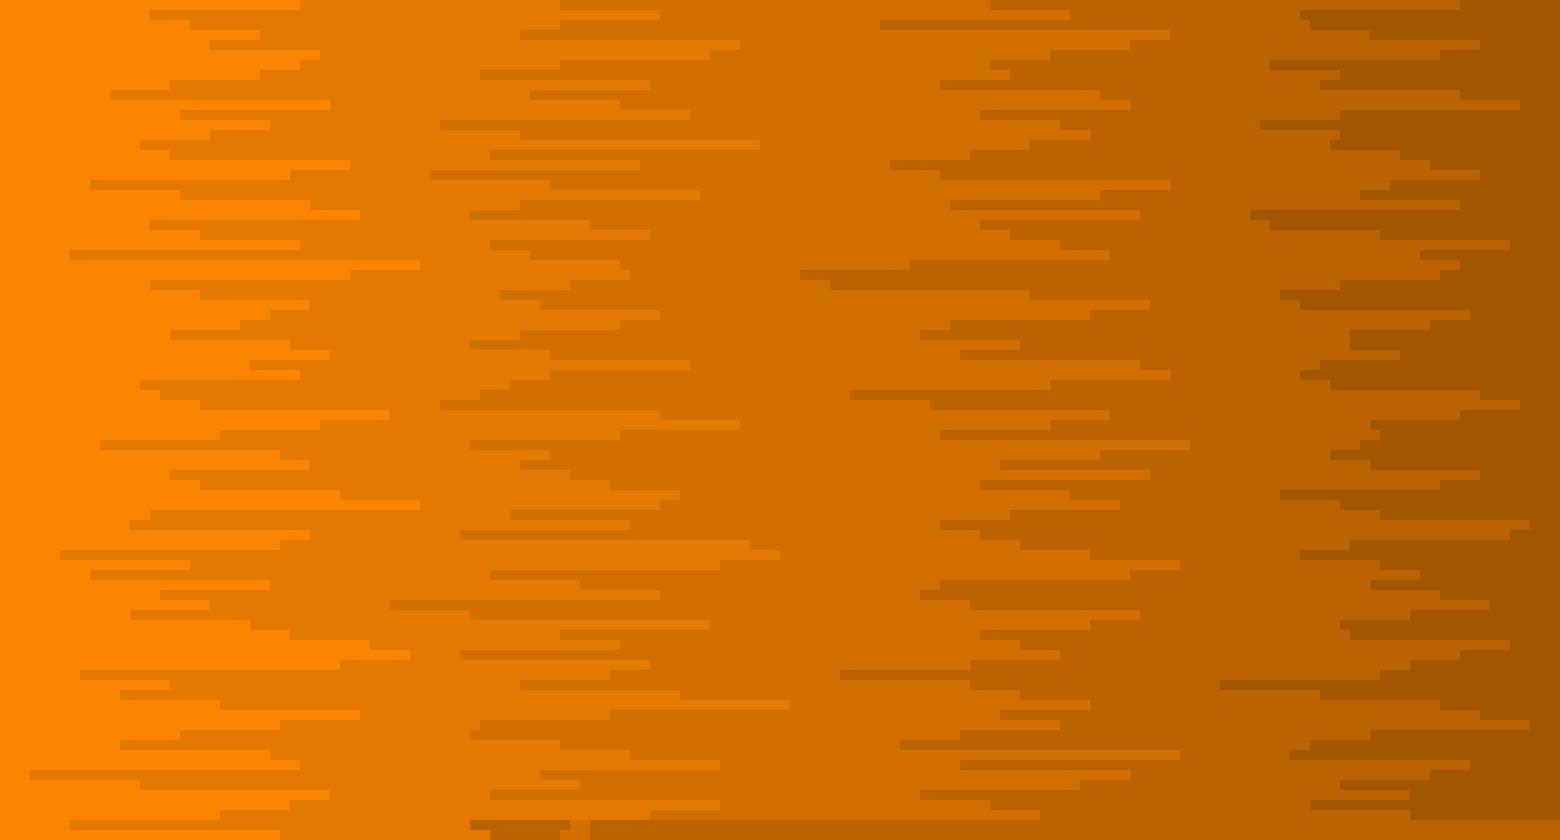 Orange Background Form Any Art Free To Use